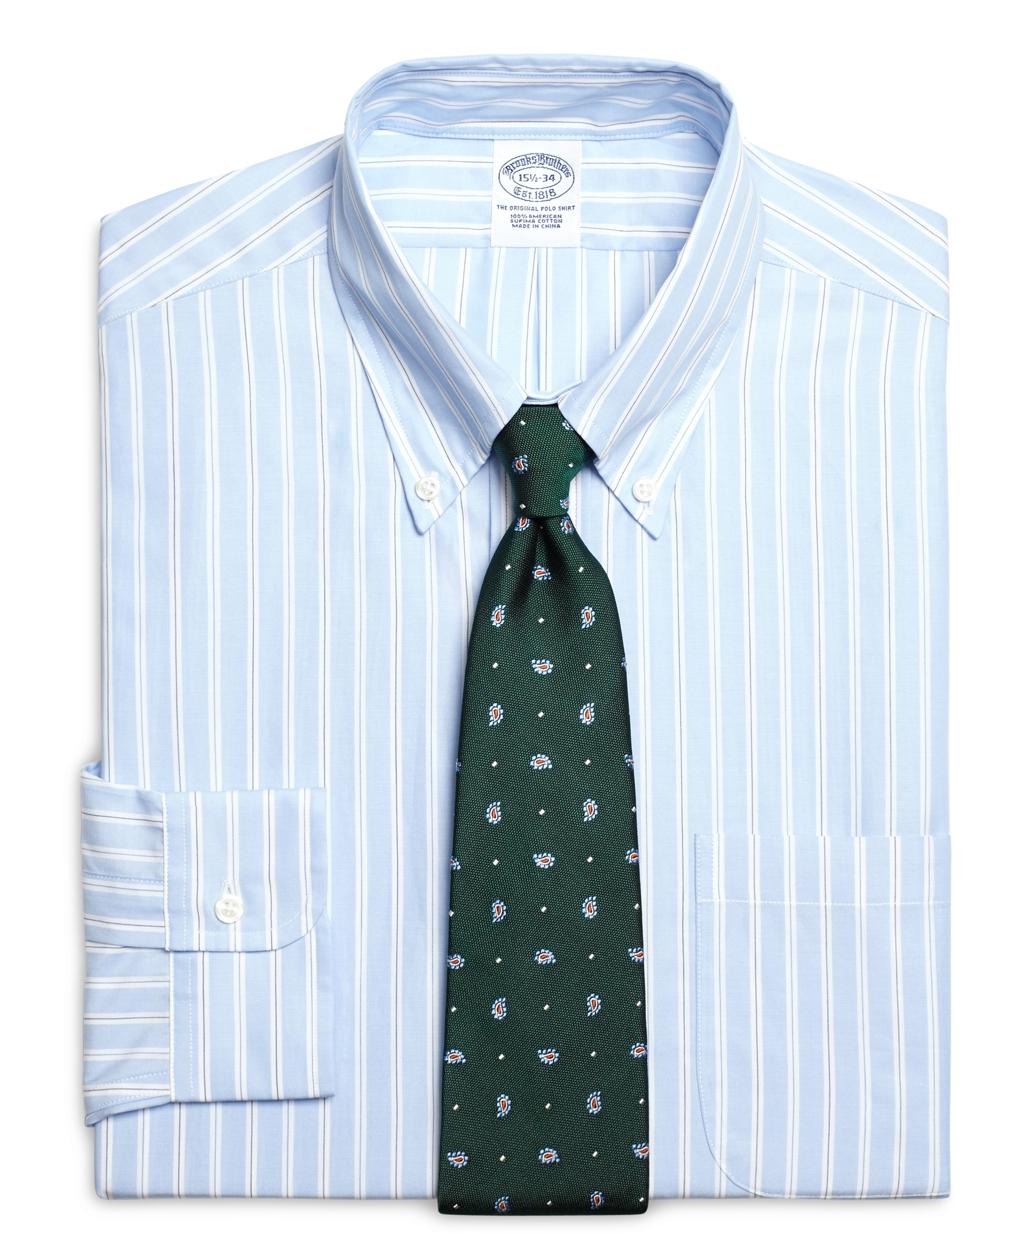 Lyst brooks brothers slim fit split stripe dress shirt for Brooks brothers dress shirt fit